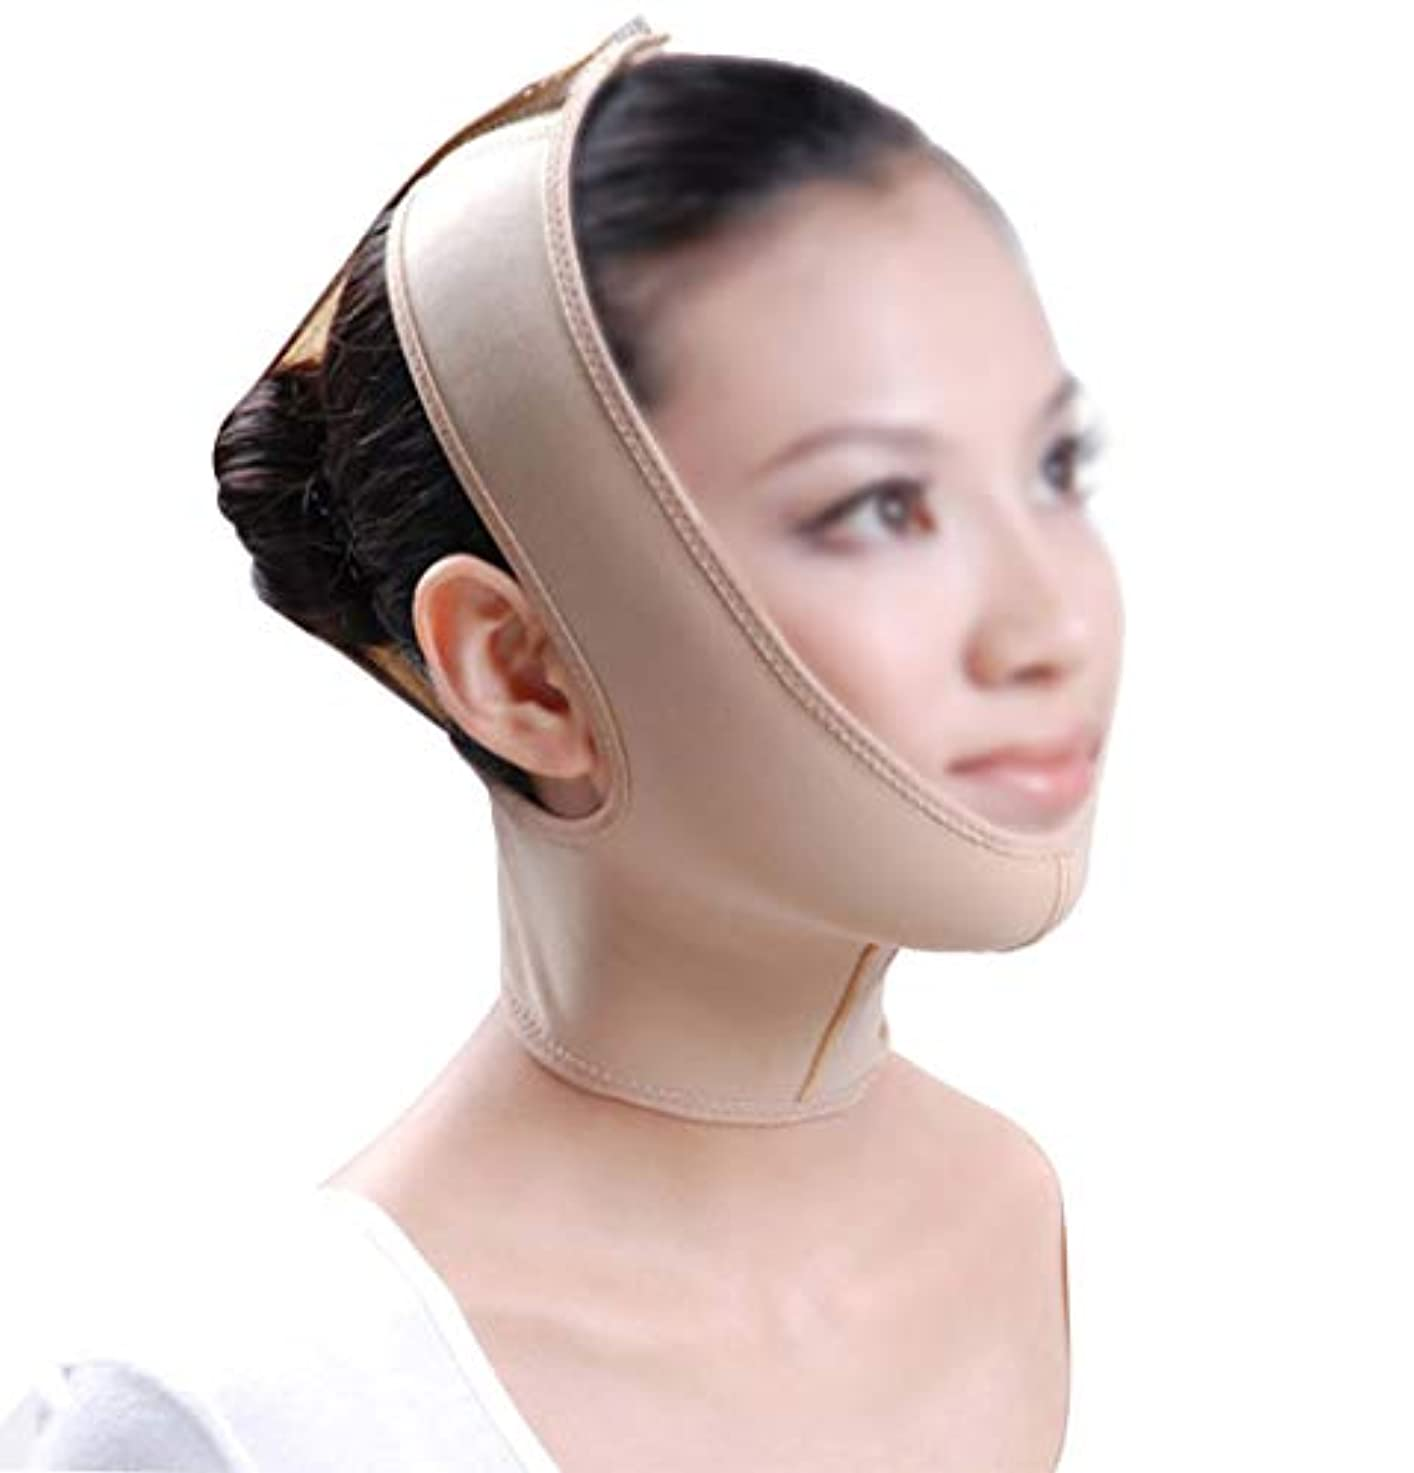 ブラウンソビエト追放GLJJQMY 引き締めマスクマスク強力なフェイスリフティングリハビリ弾性フェイスリフティング引き締め首あご整形リハビリチンスリーブ 顔用整形マスク (Size : XL)